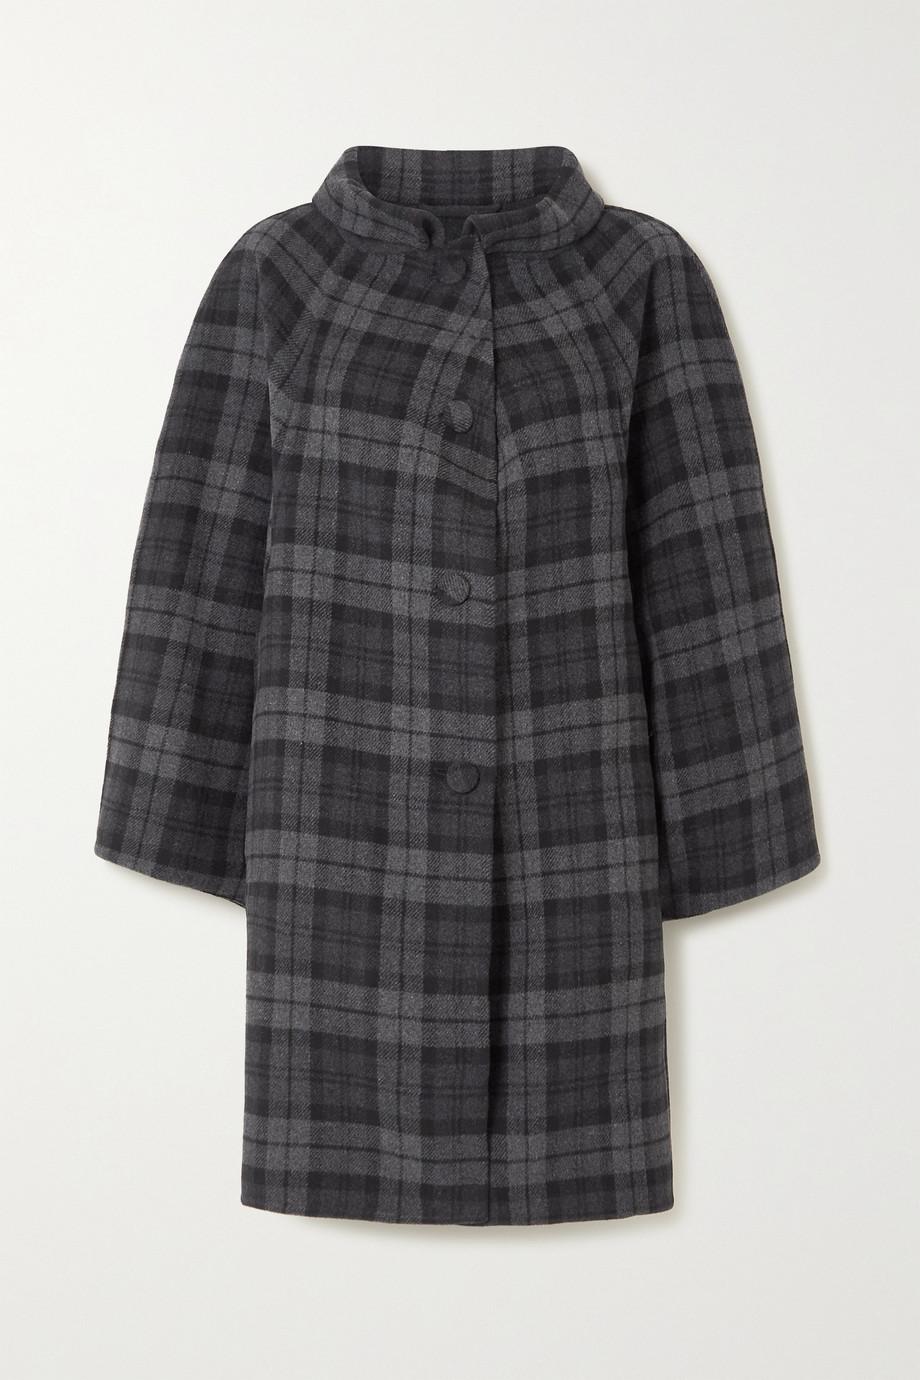 Balenciaga Manteau en laine mélangée à carreaux